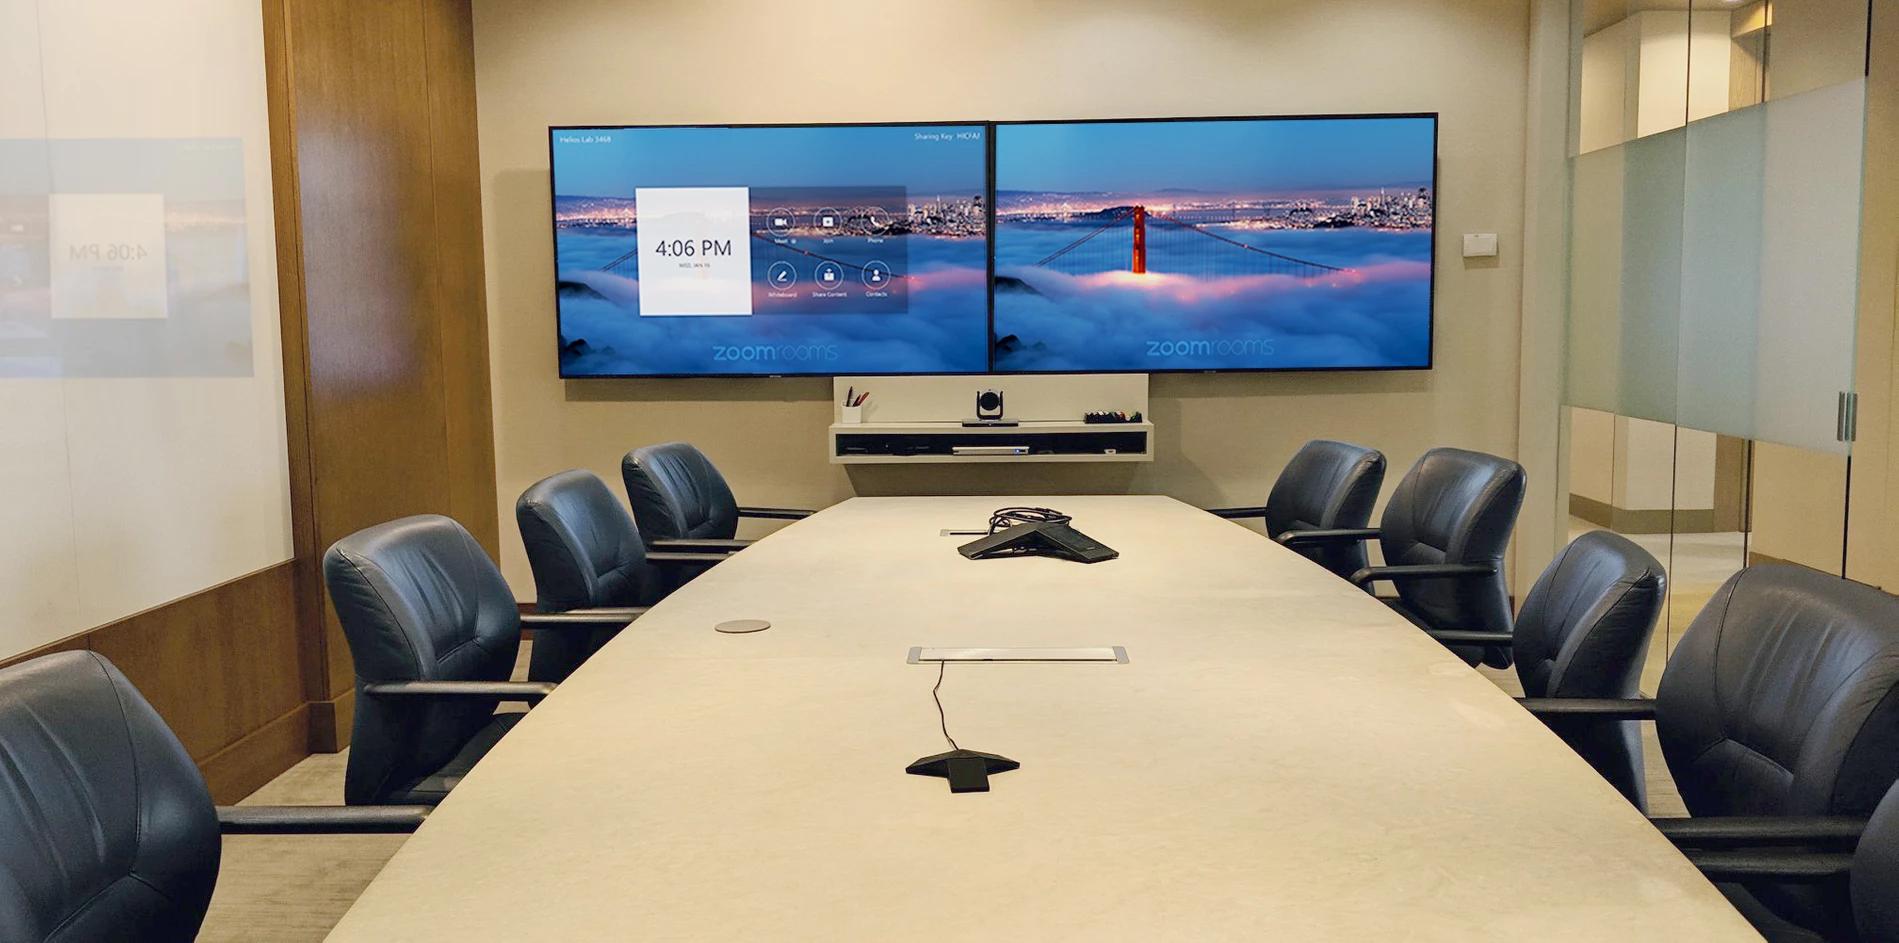 AV Integration And Design For Businesses